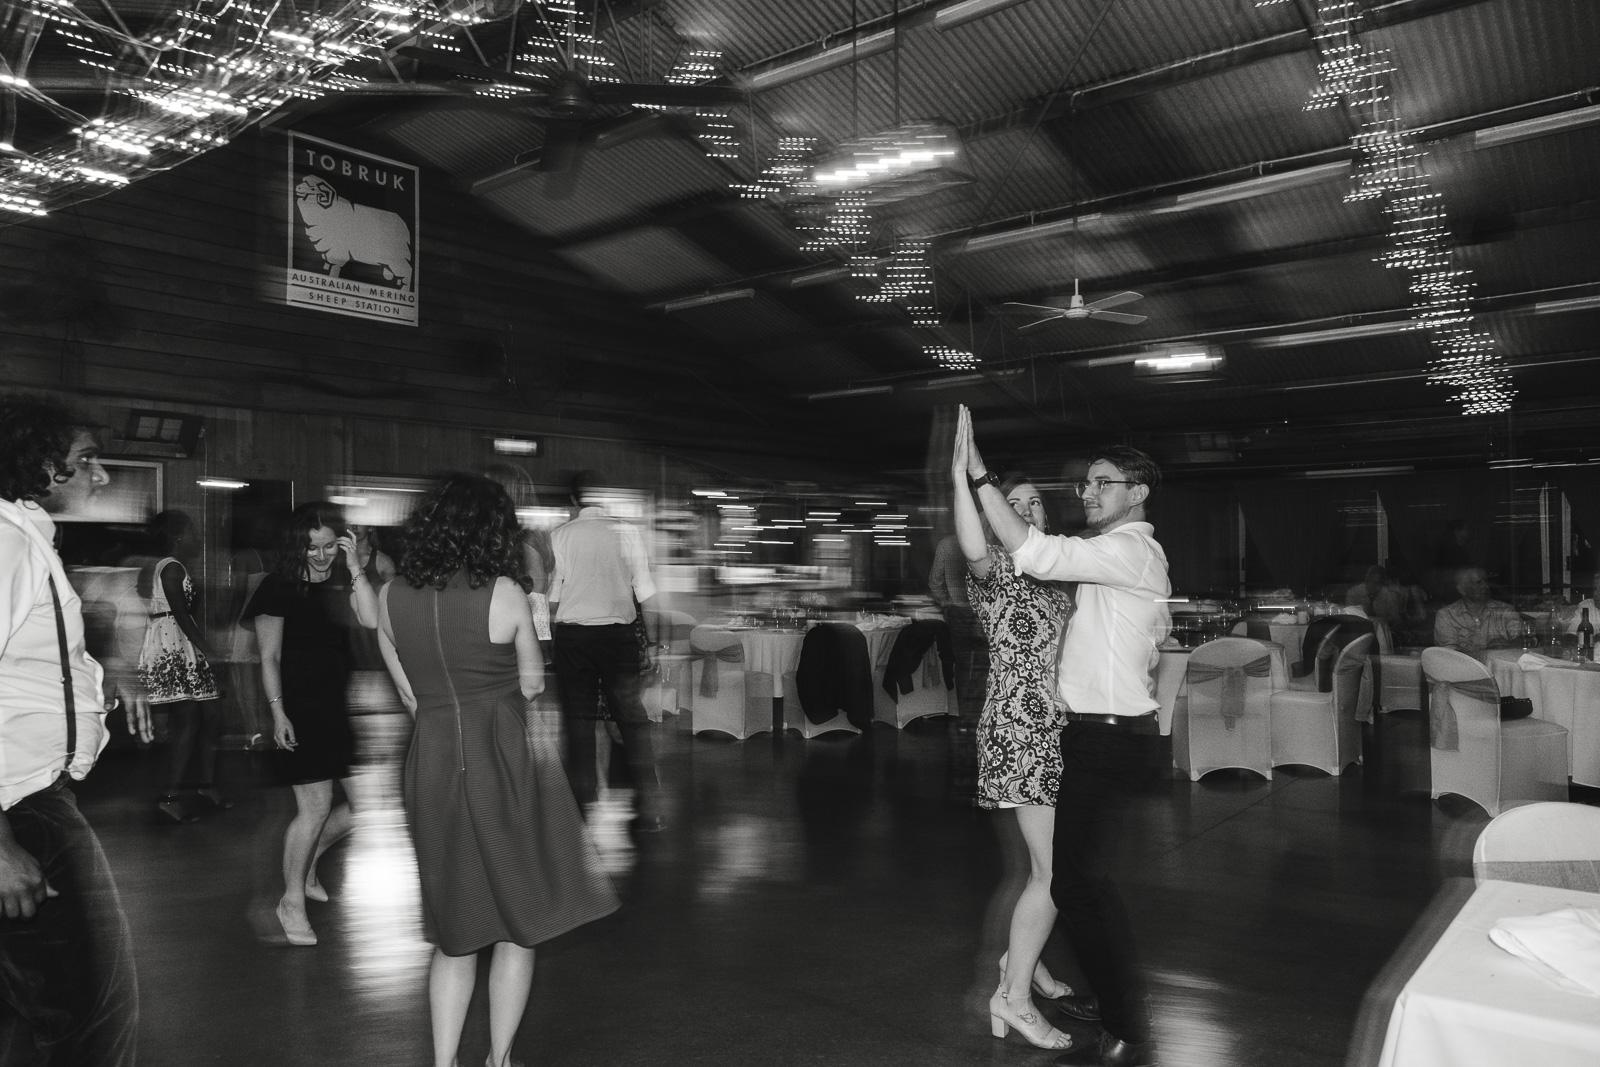 Tobruk-sheep-station-sydney-wedding (85).jpg